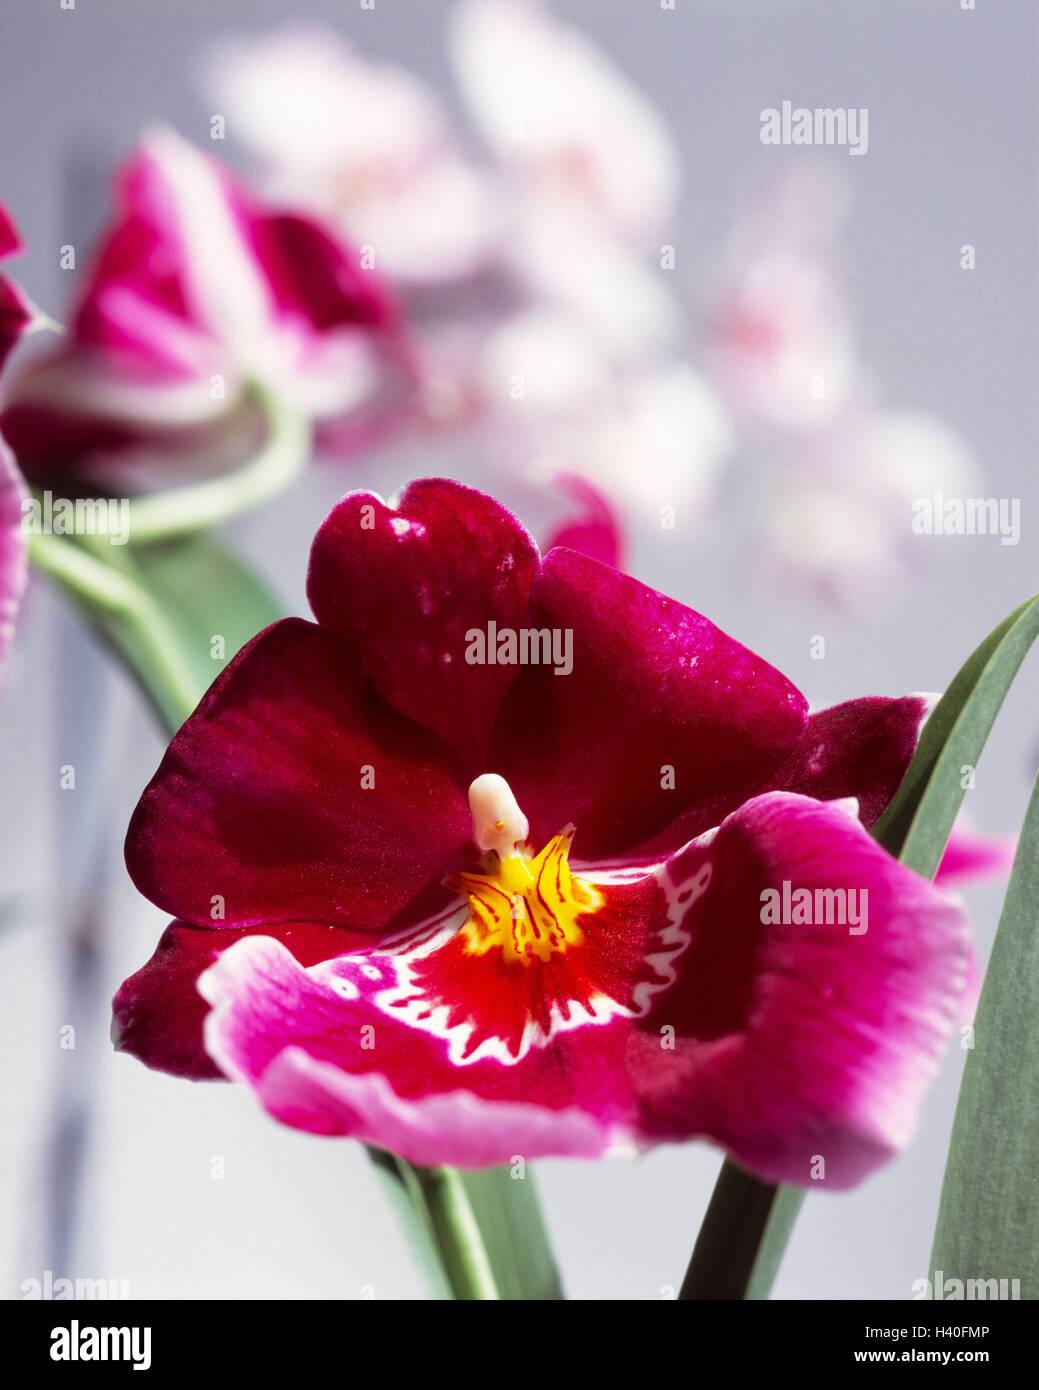 Orchidee Blüht, Blur, Miltonia, Blume, Pflanze, Exotische, Tropische,  Indoor Anlage, Orchidee, Schönheit, Zartheit, Blütenstand, Blüten, Blüte,  ...